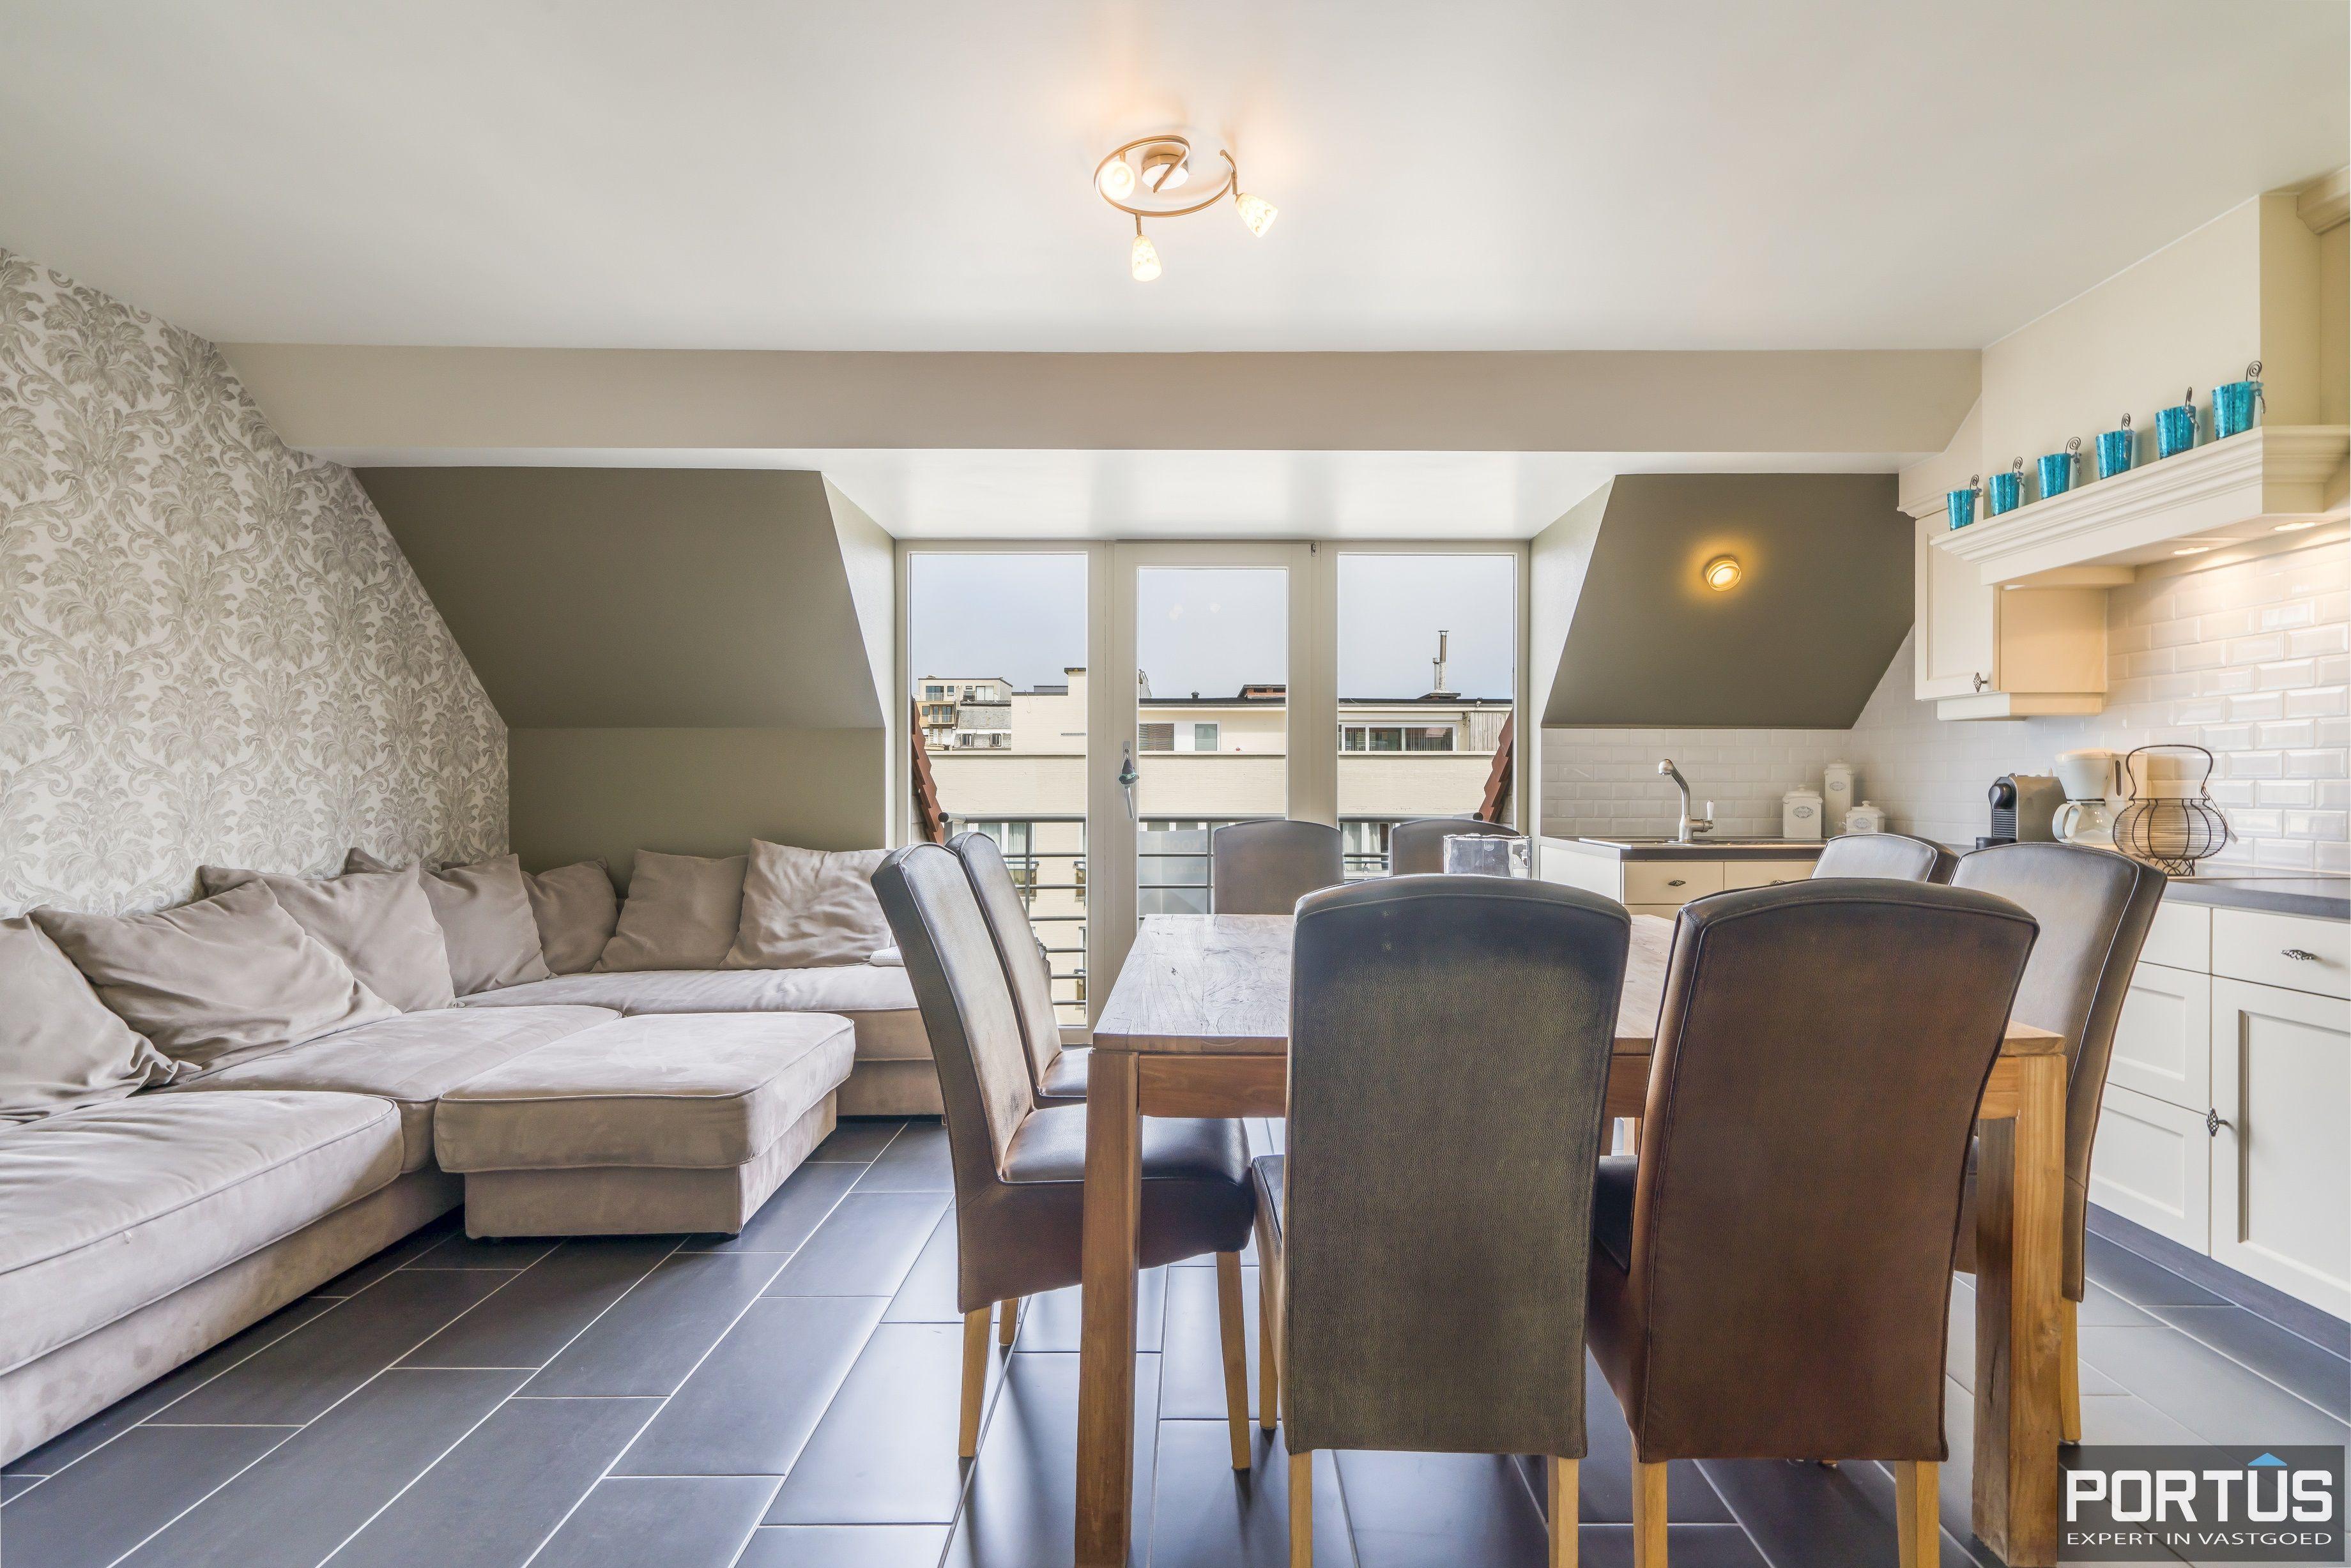 Appartement op wandelafstand van het strand te koop te Nieuwpoort-Bad - 13172